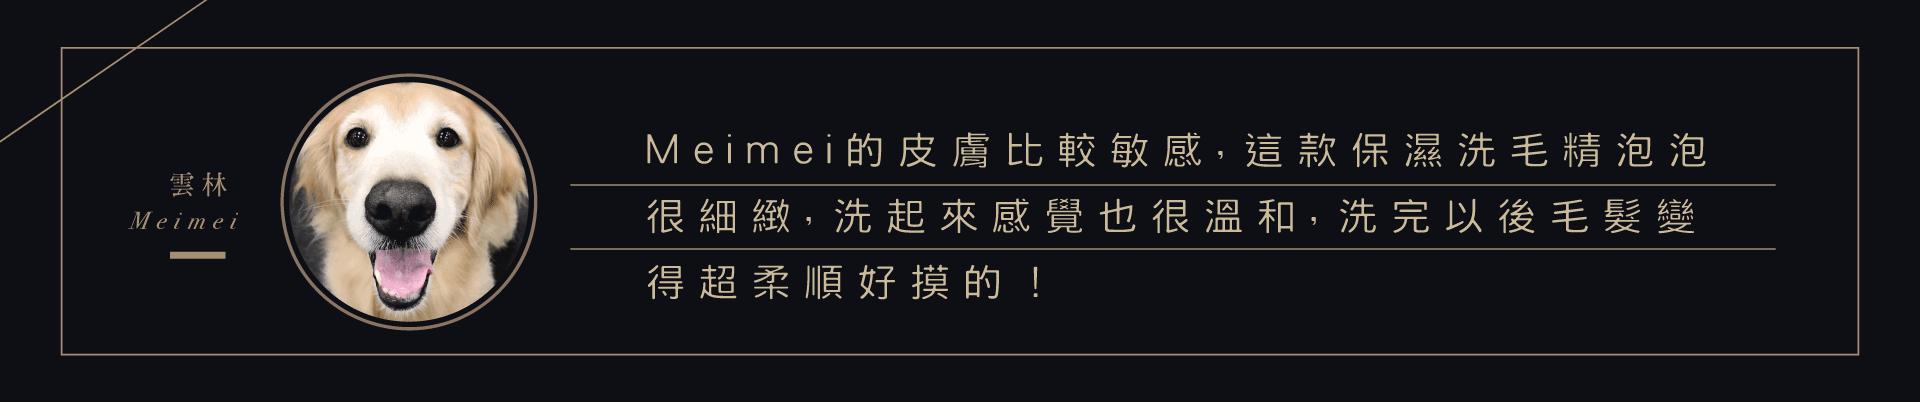 雲林的Meimei是黃金獵犬,皮膚比較敏感。這款保濕洗毛精泡泡很細緻,洗起來感覺也很溫和,Meimei洗完以後毛髮變得超柔順好摸的!